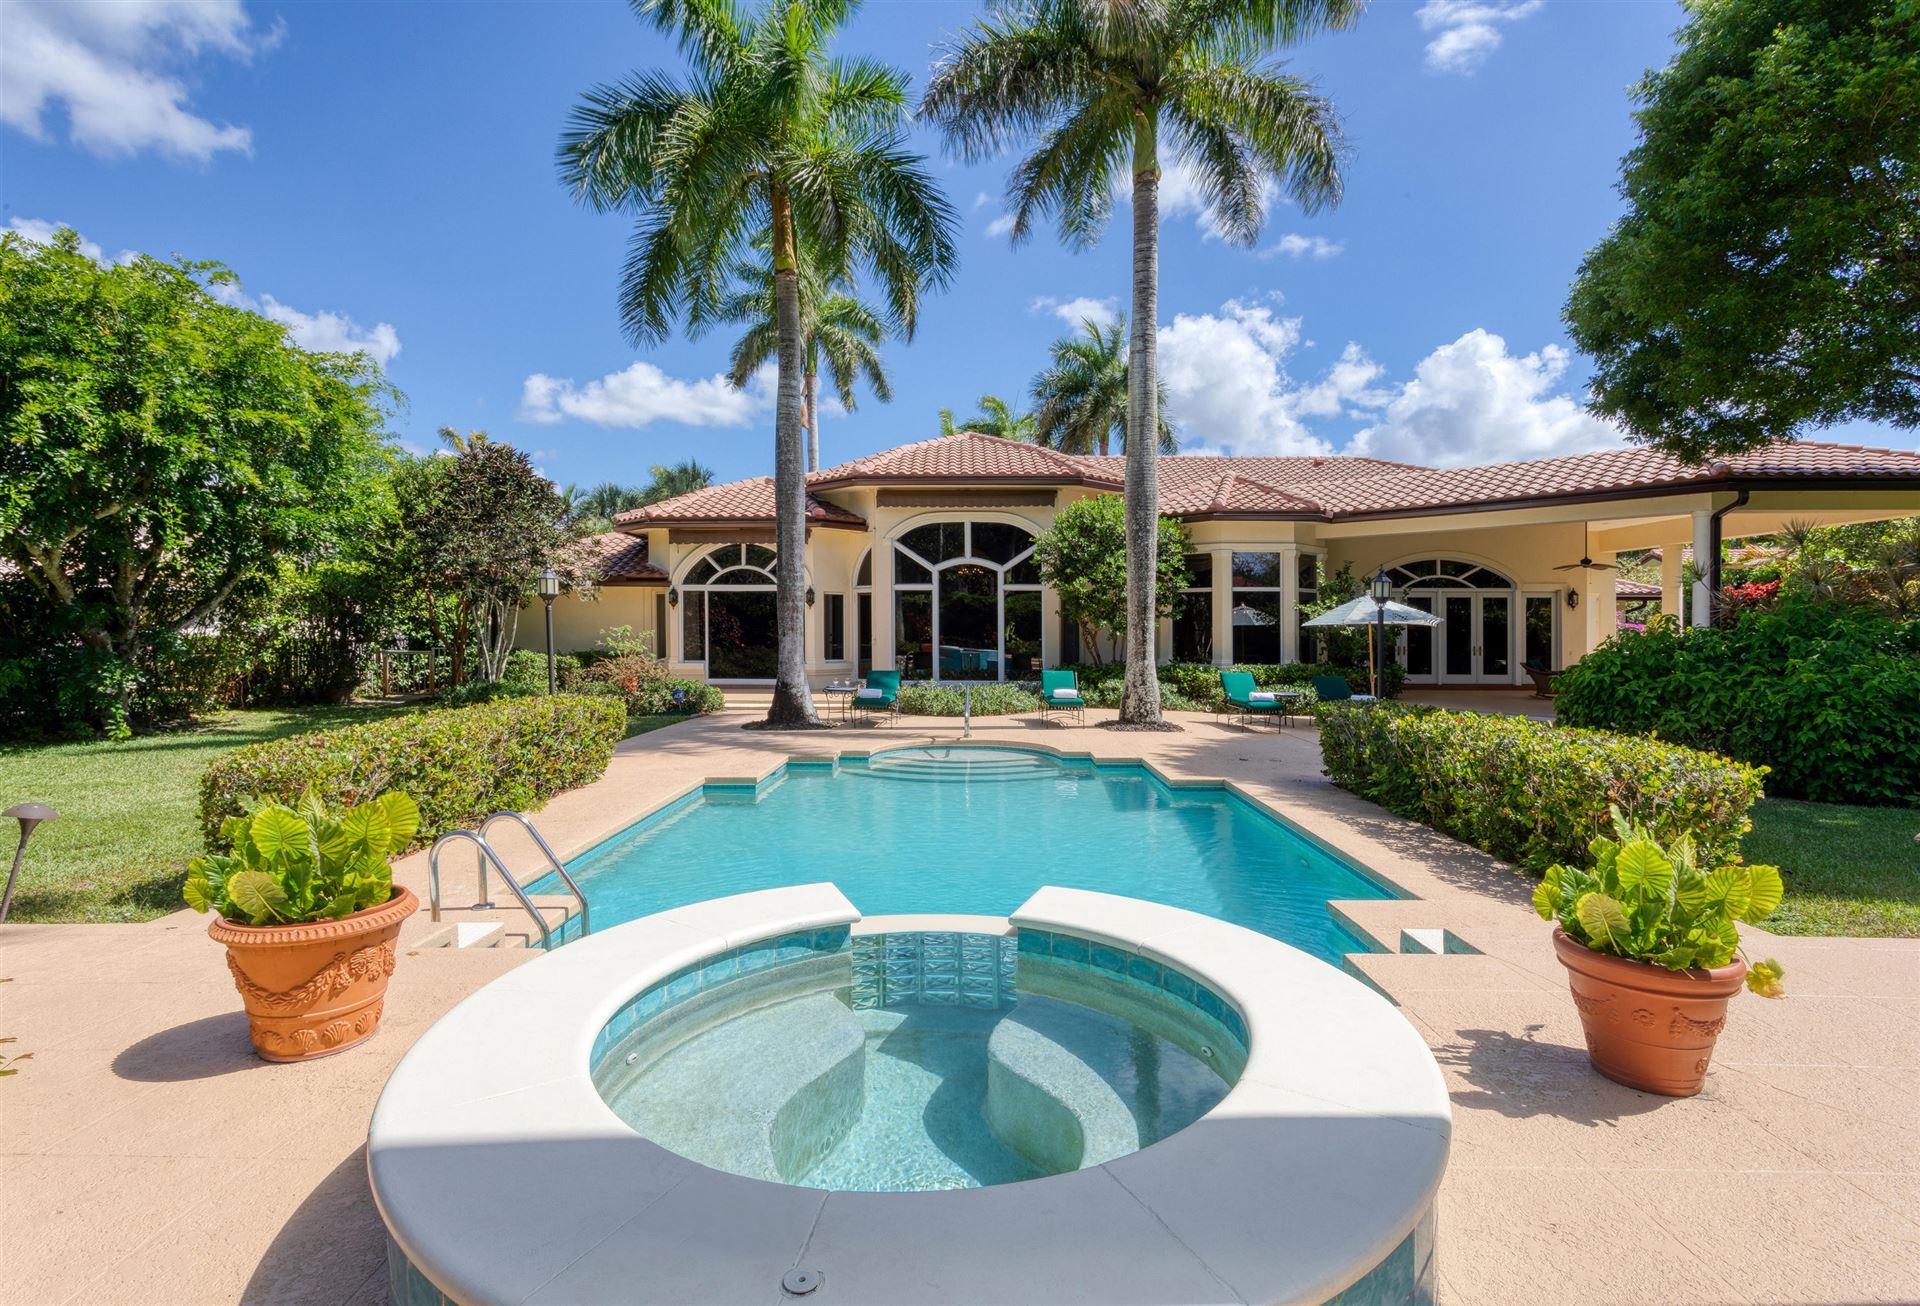 8236 Twin Lake Drive, Boca Raton, FL 33496 - #: RX-10722524